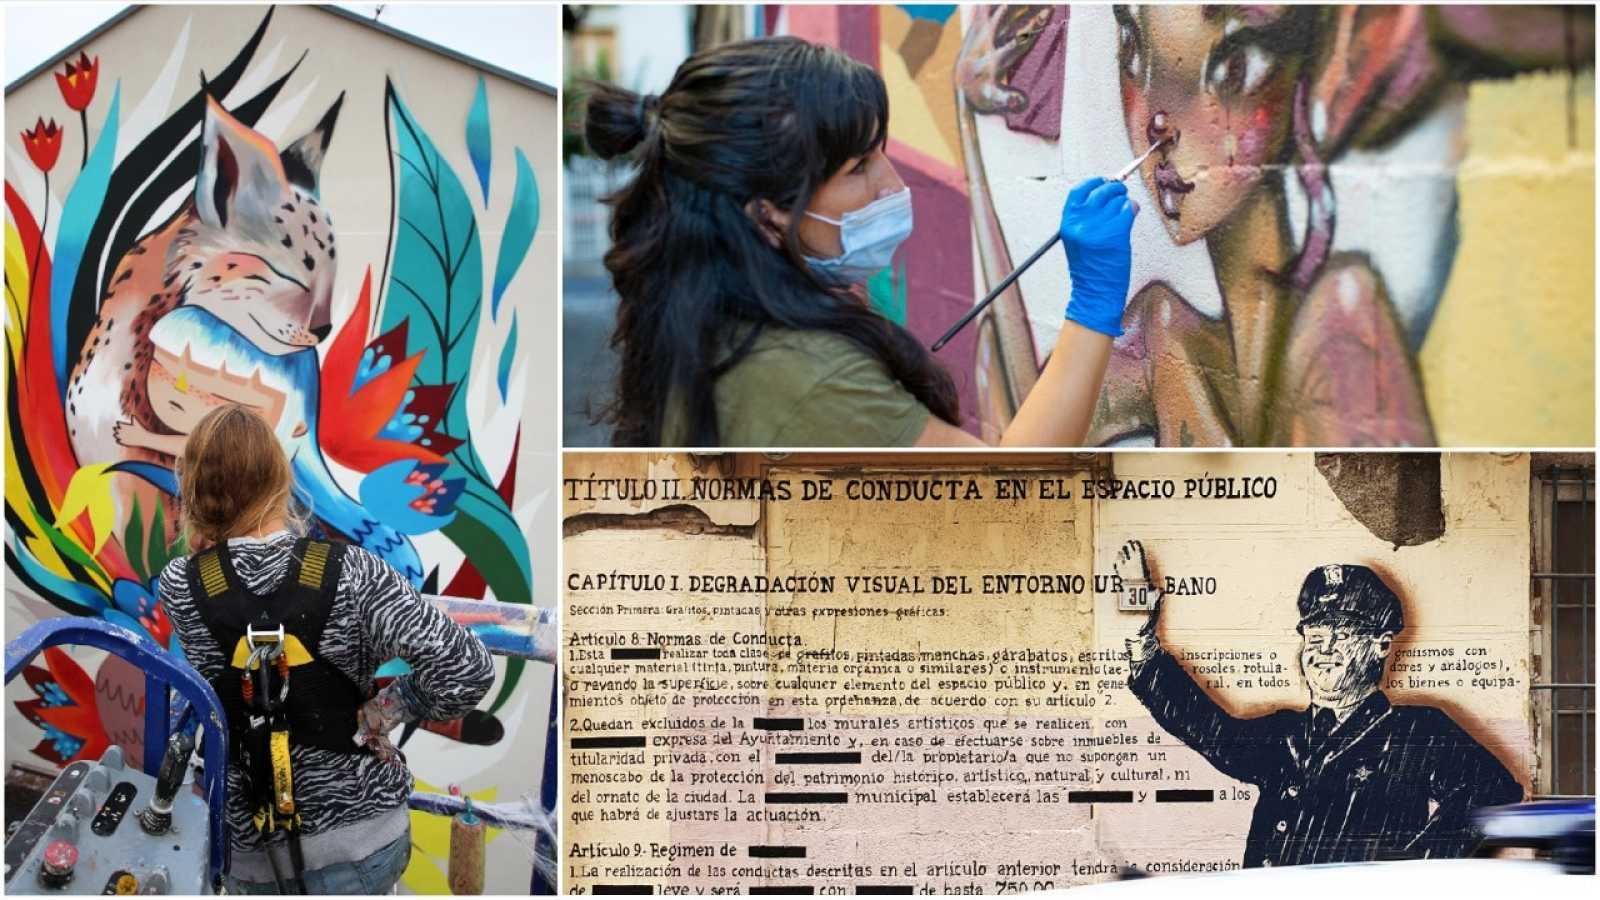 Utopías - La Calle Como Museo: Arte Urbano y Grafiti - 28/02/21 - escuchar ahora